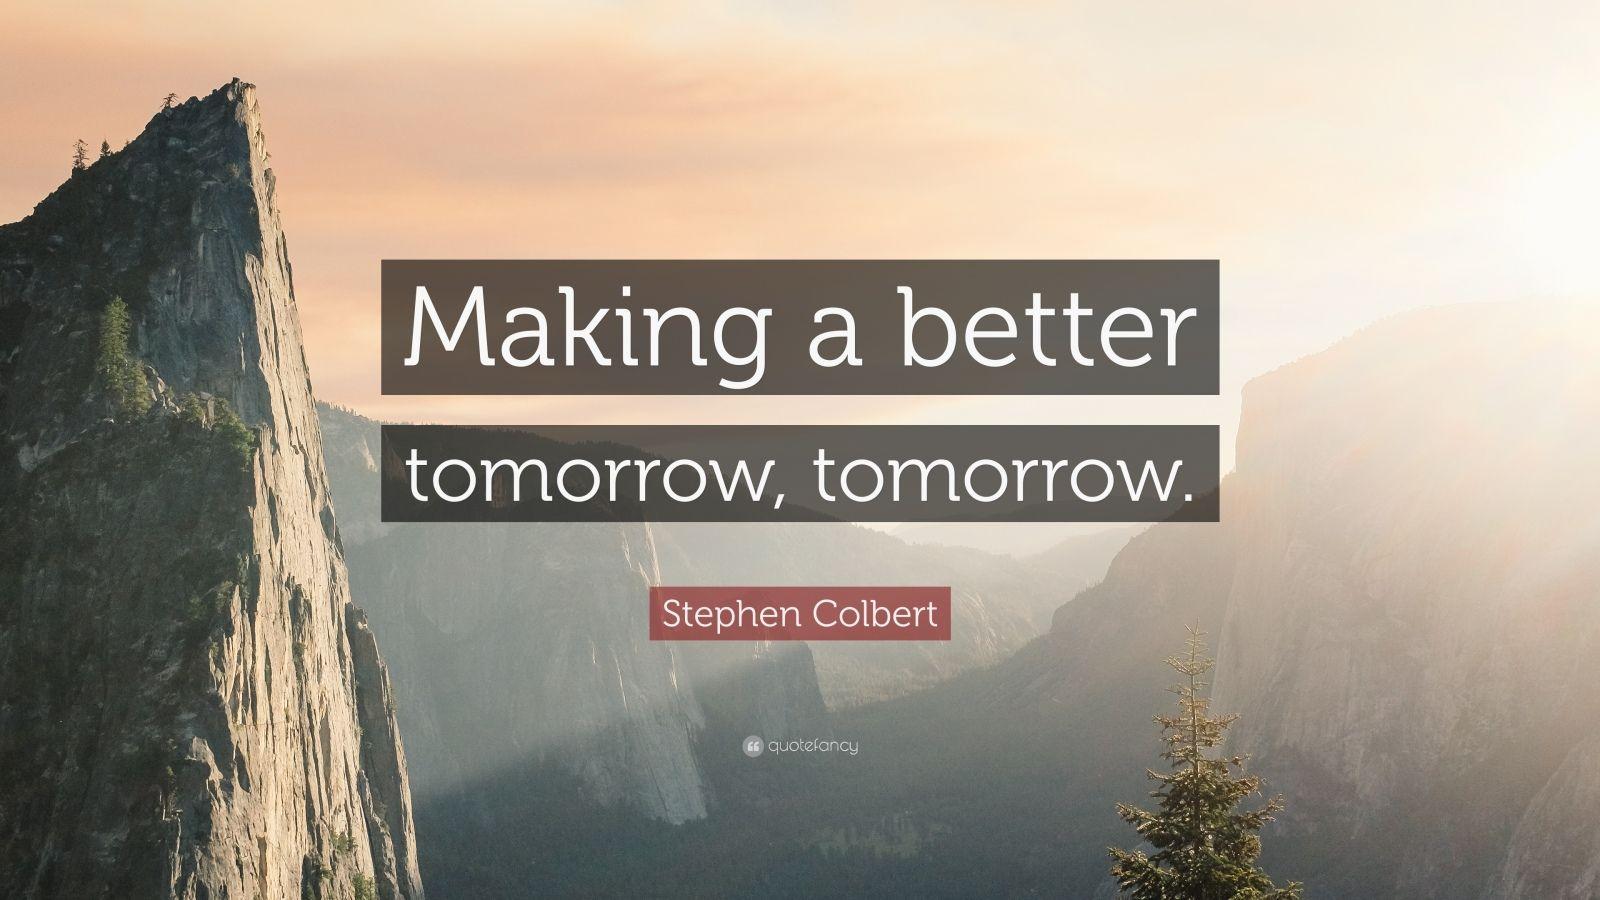 Stephen Colbert Quotes 100 Wallpapers Quotefancy